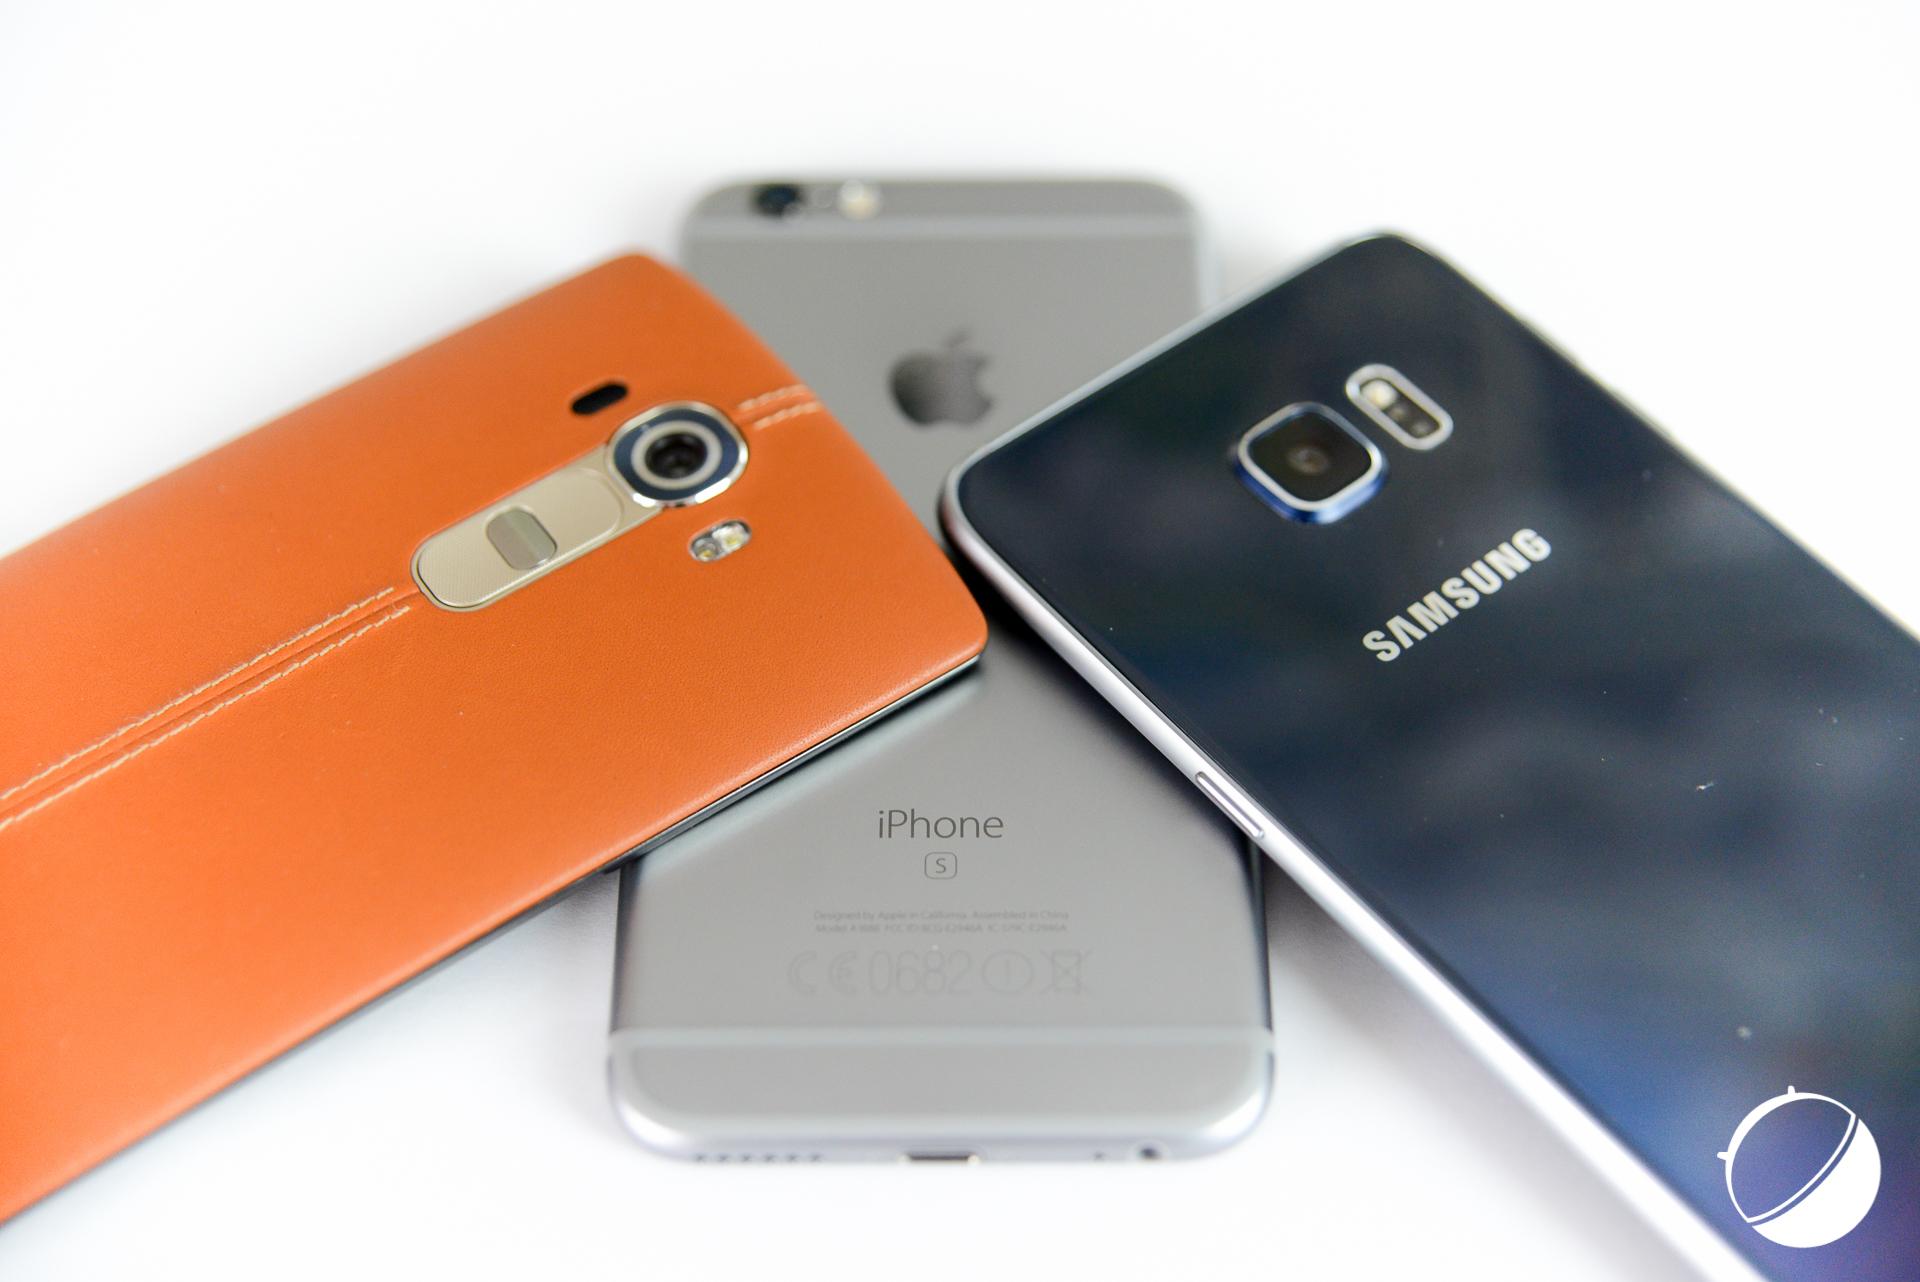 L'iPhone 6s dixième au classement DxOMark, derrière les flagships Android